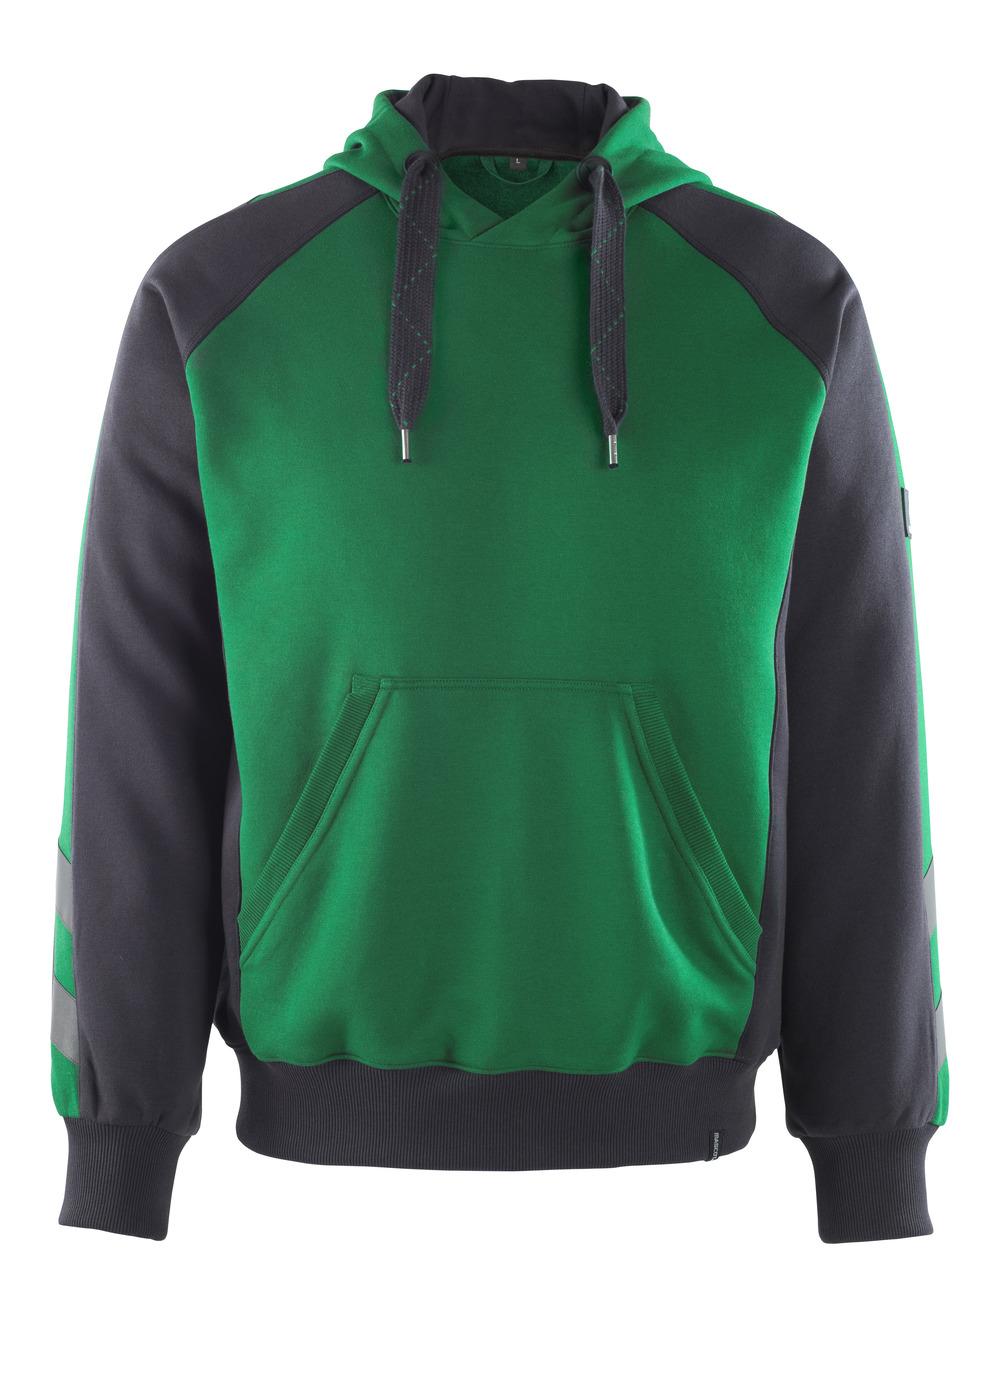 50508-811-0309 Hoodie - green/black